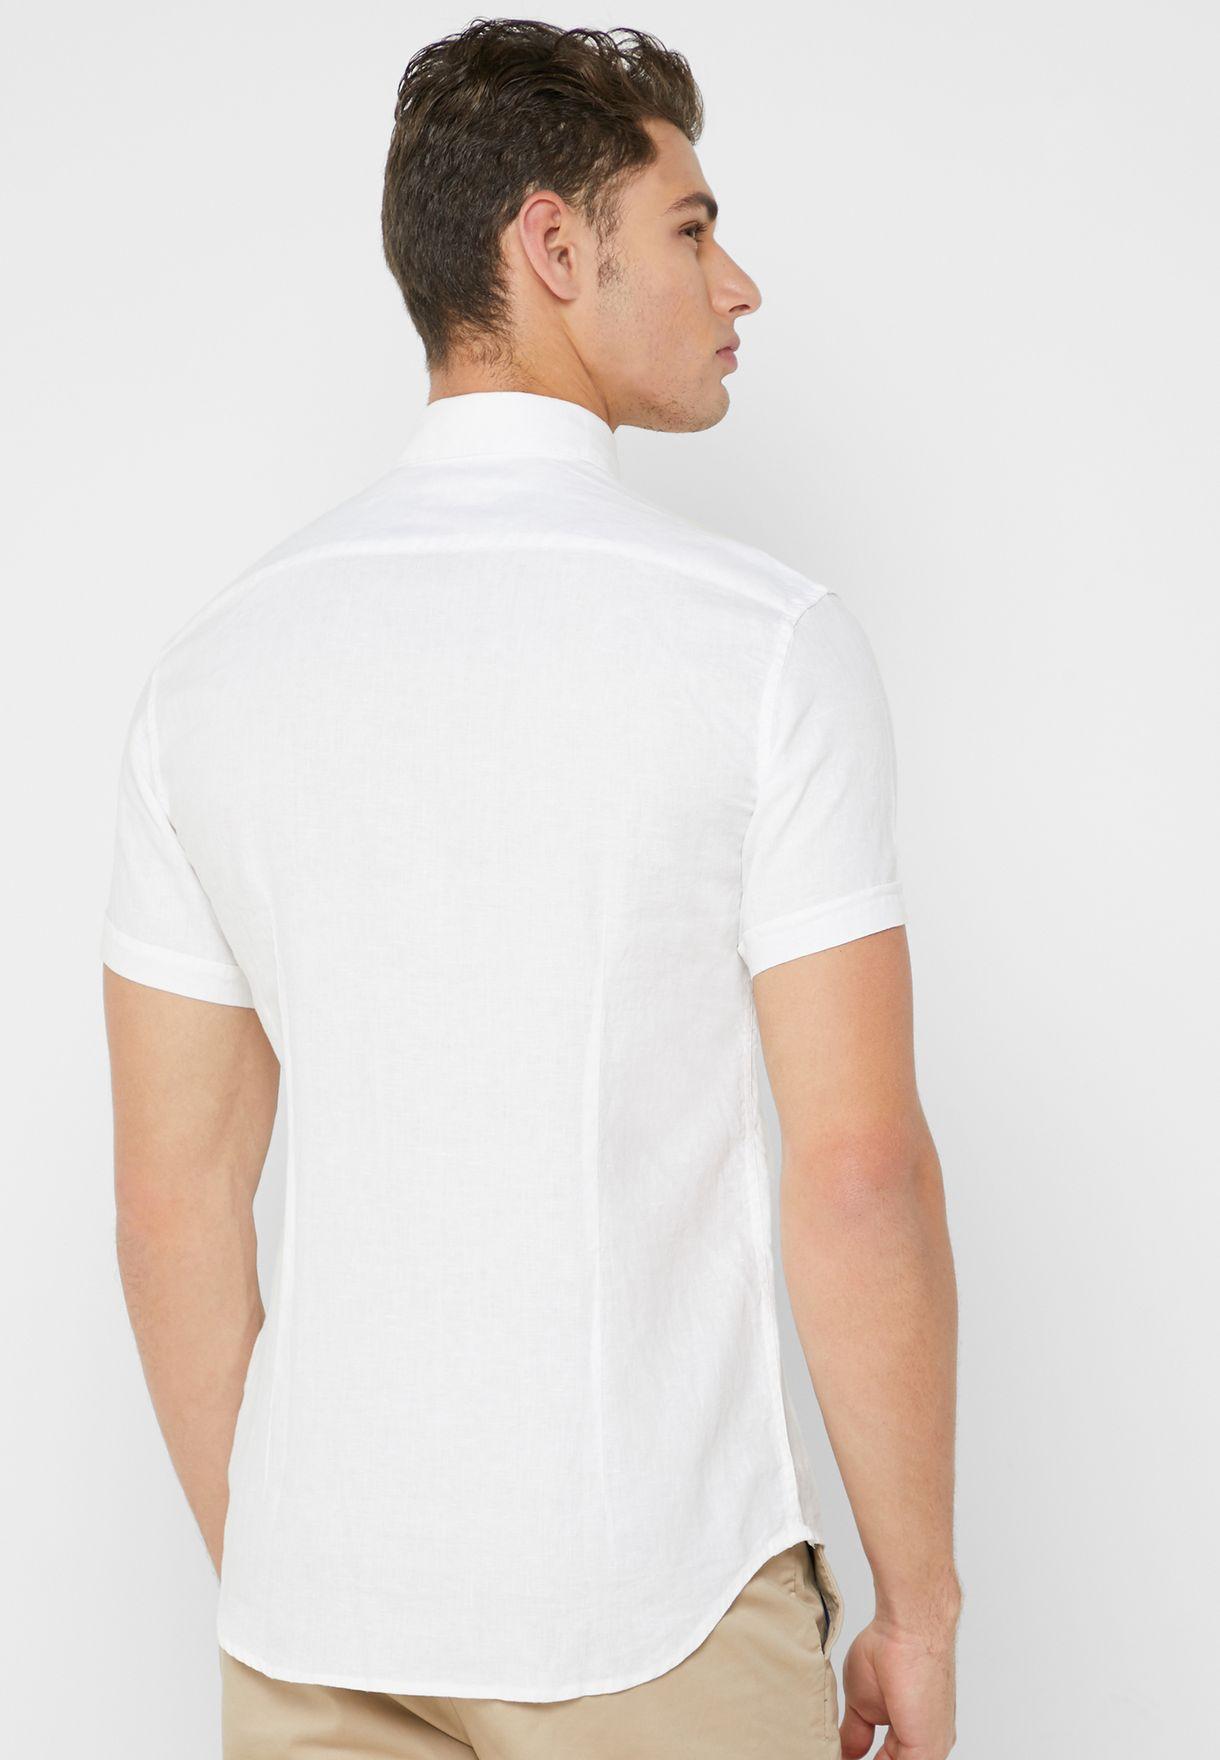 Two Pocket Slim Fit Shirt